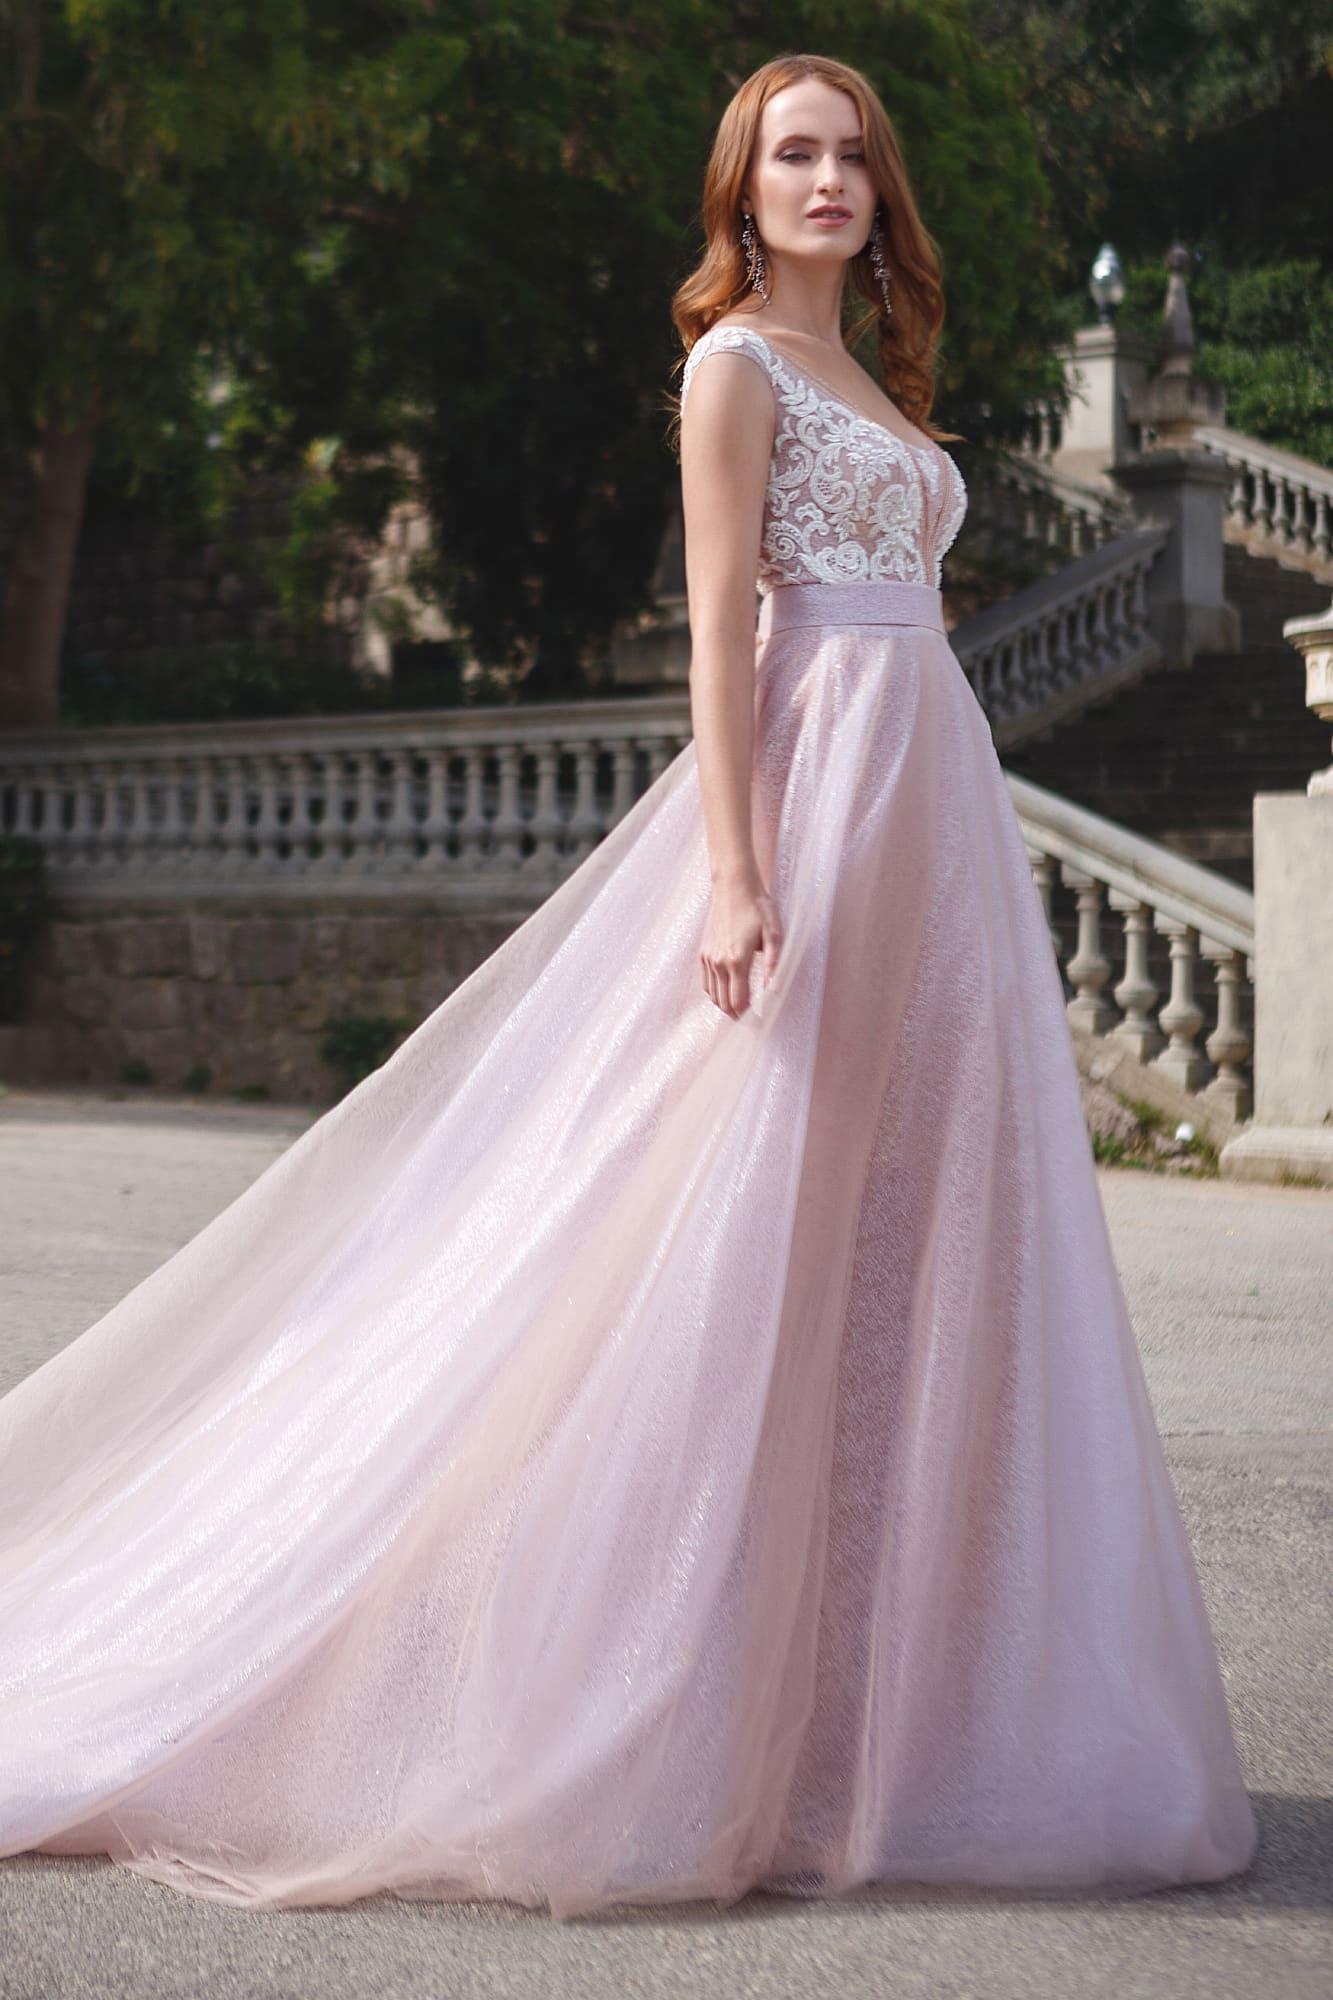 cf77c3e8ac8 Розовое свадебное платье «принцесса» с открытой спинкой и кружевным верхом.